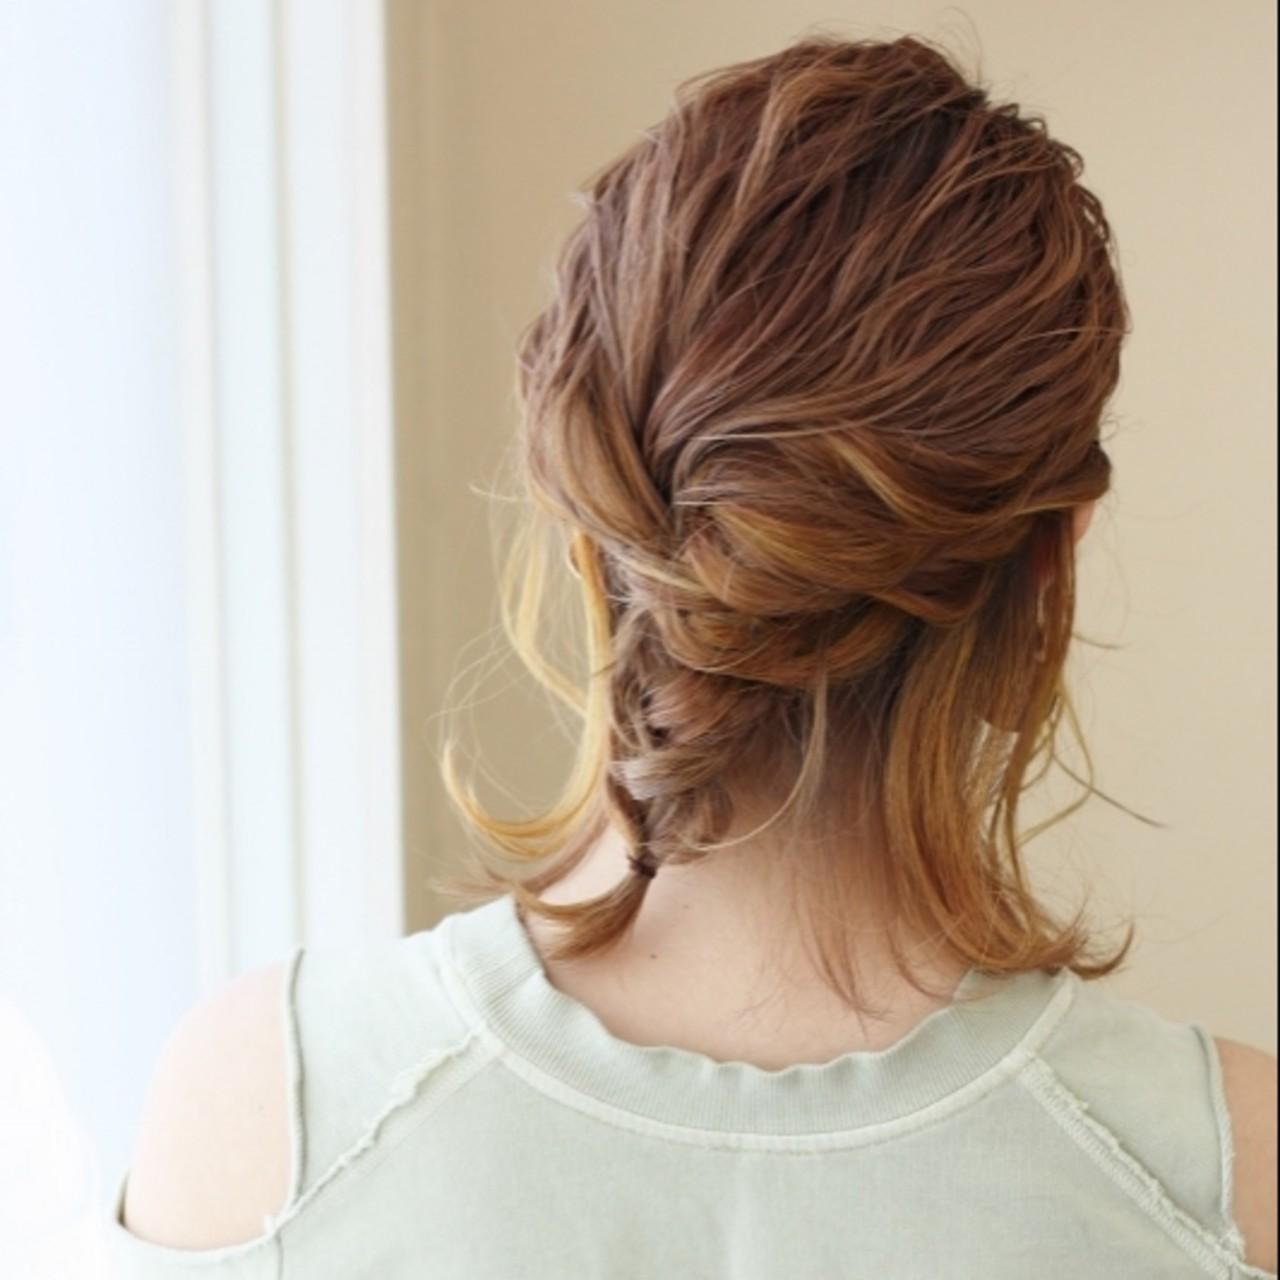 ロープ編み 簡単ヘアアレンジ ミディアム 編みおろし ヘアスタイルや髪型の写真・画像